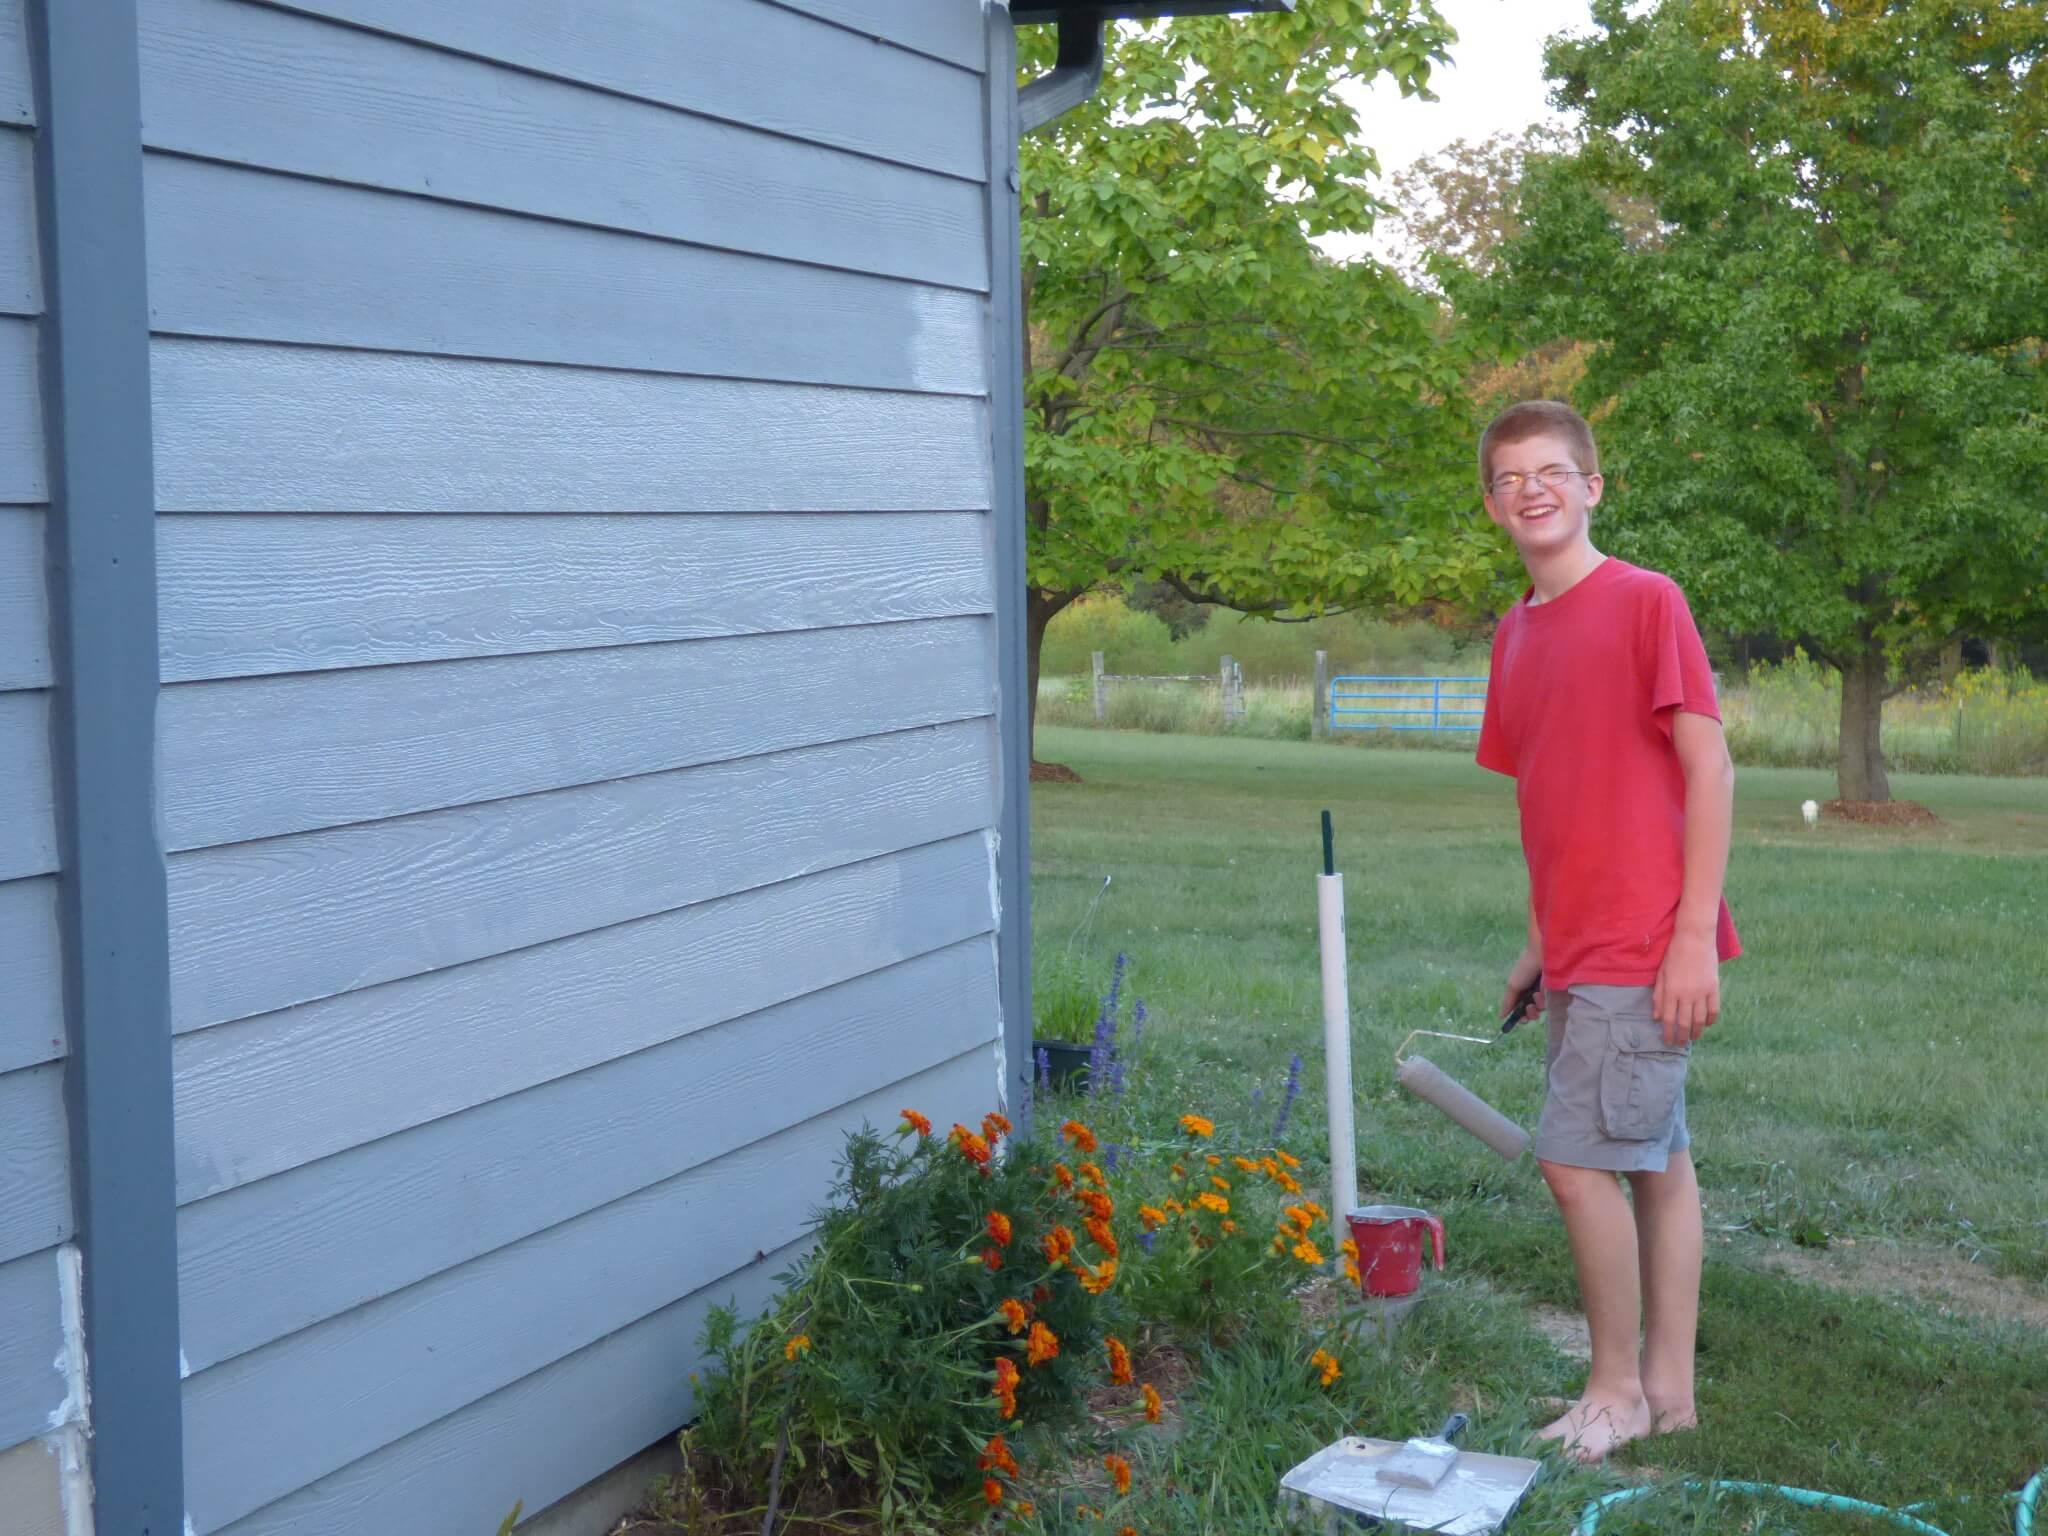 Paint Exterior of House - DaytoDayAdventures.com